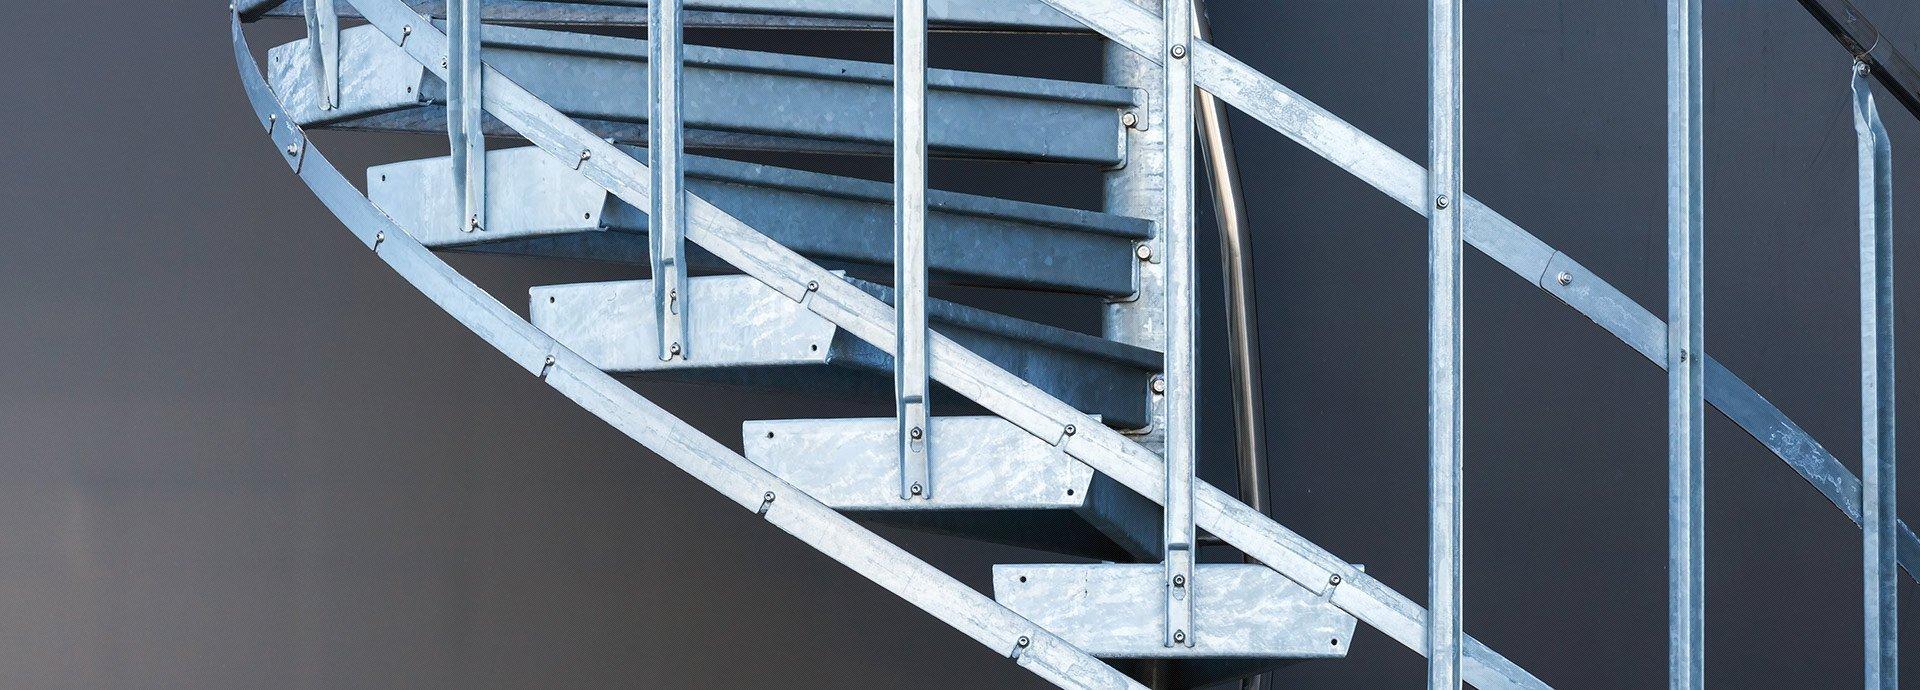 Steel Fabricators In Sheffield Slater Sheet Metal Ltd